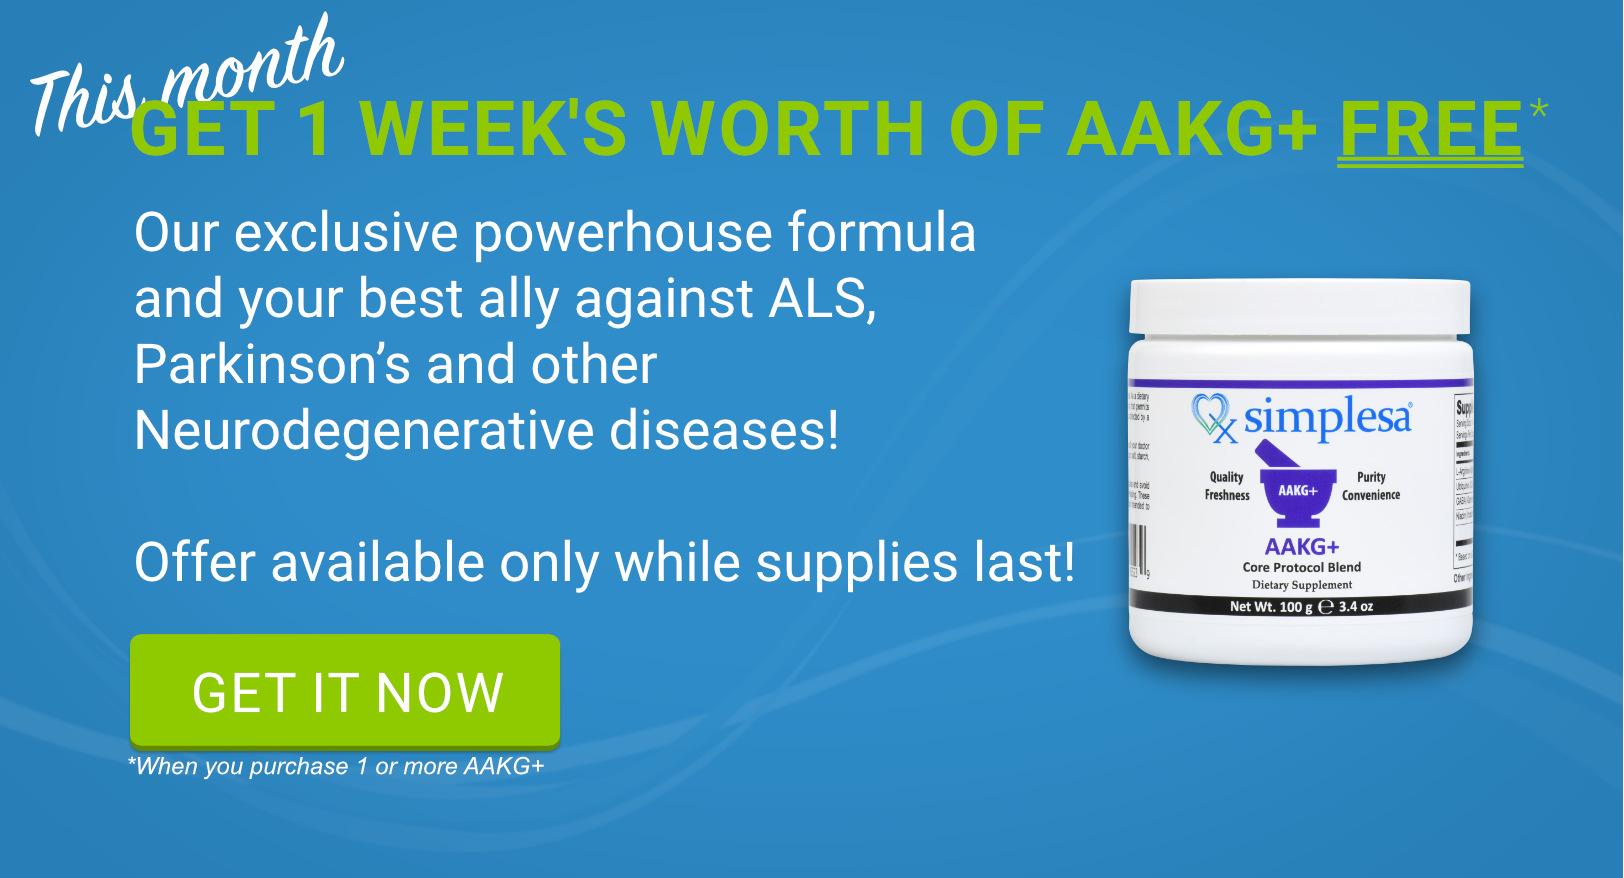 Get Free Week of AAKG+